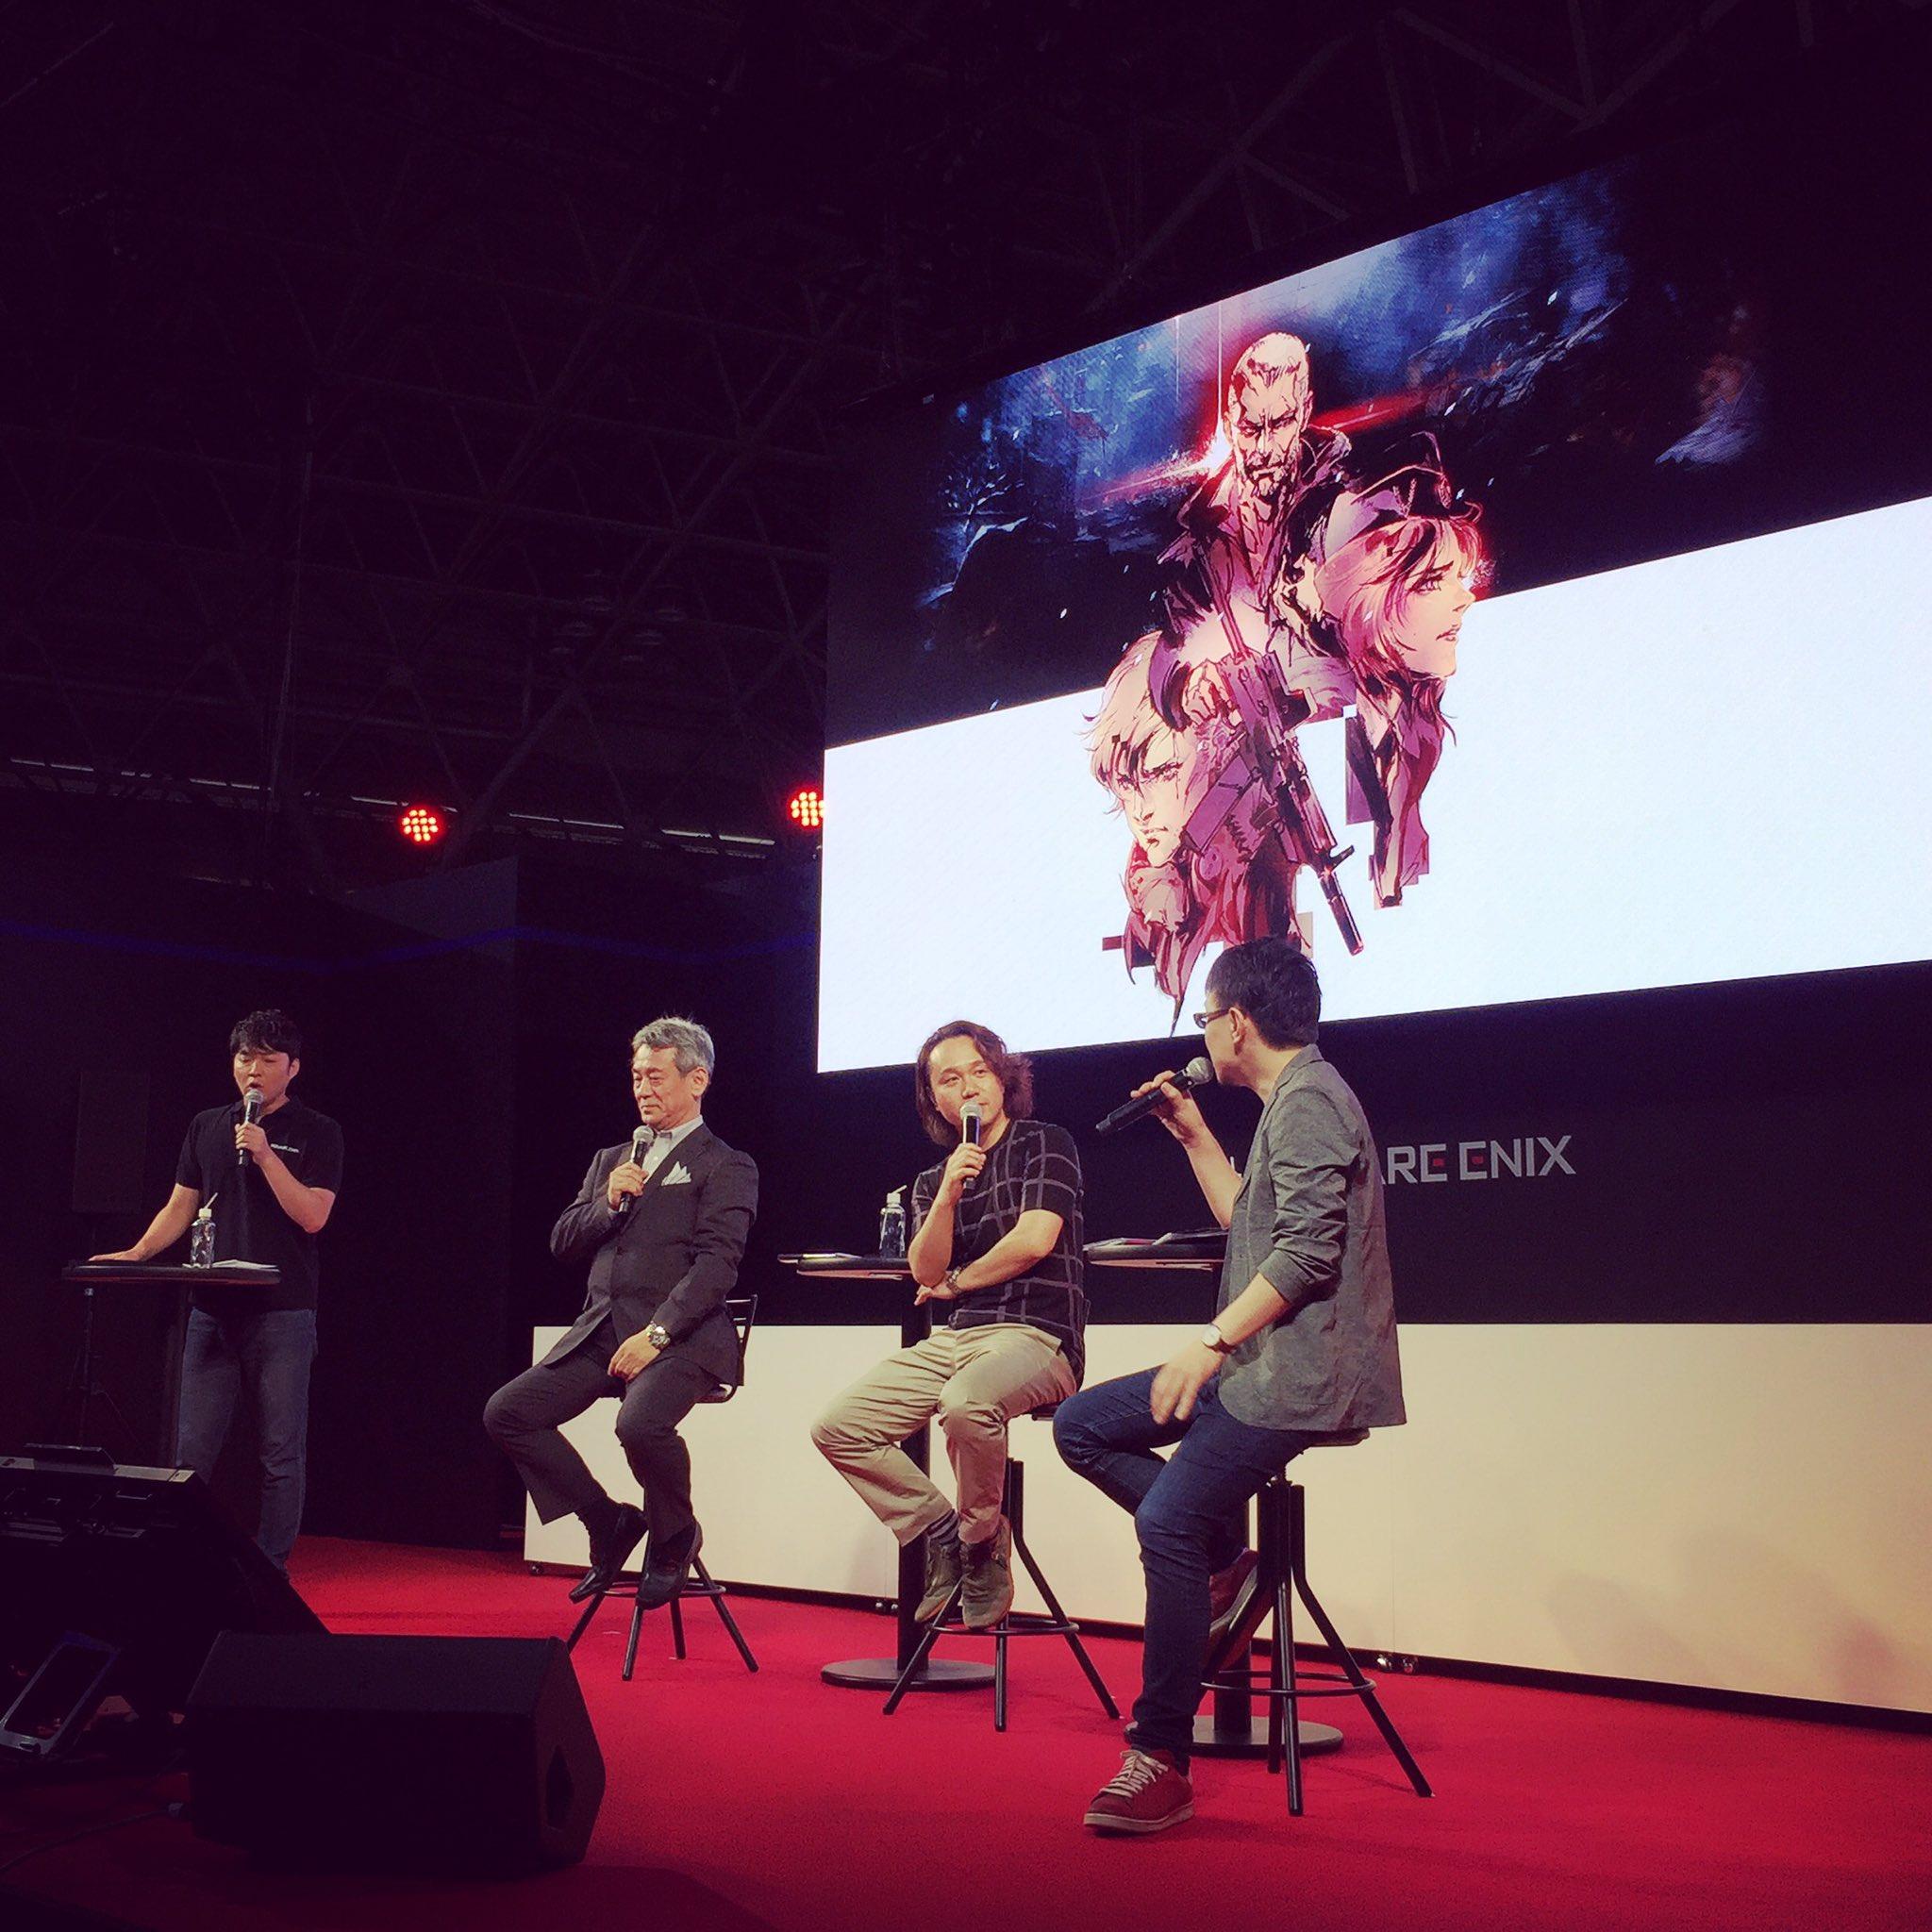 Au centre, Shinji Hashimoto, Yoji Shinkawa et Toshifumi Nabeshima au TGS, le 21 septembre 2017